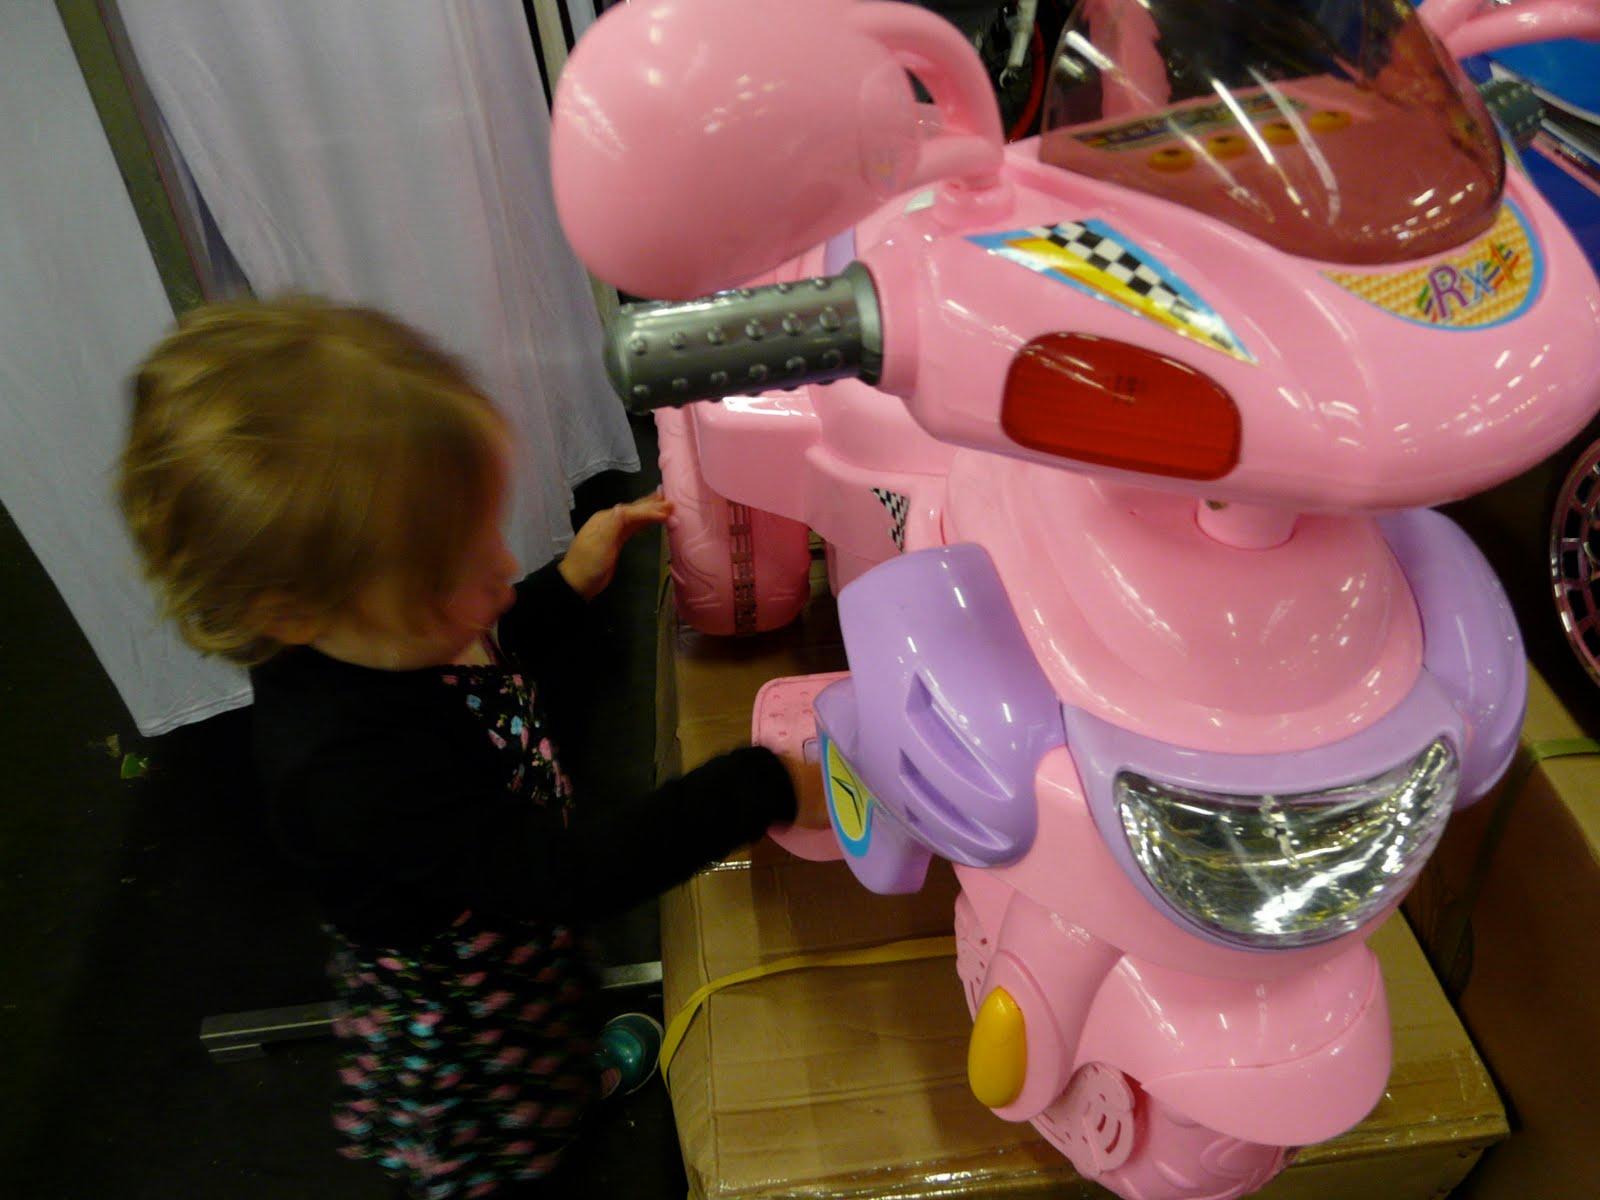 a9d2d2dc81dd48 Ook is er veel afbreekbaar speelgoed met lichtjes. Je kunt er naar de  kapper en je beltegoed opwaarderen. Er is een auto-draai-molen, maar je  kunt er ook ...